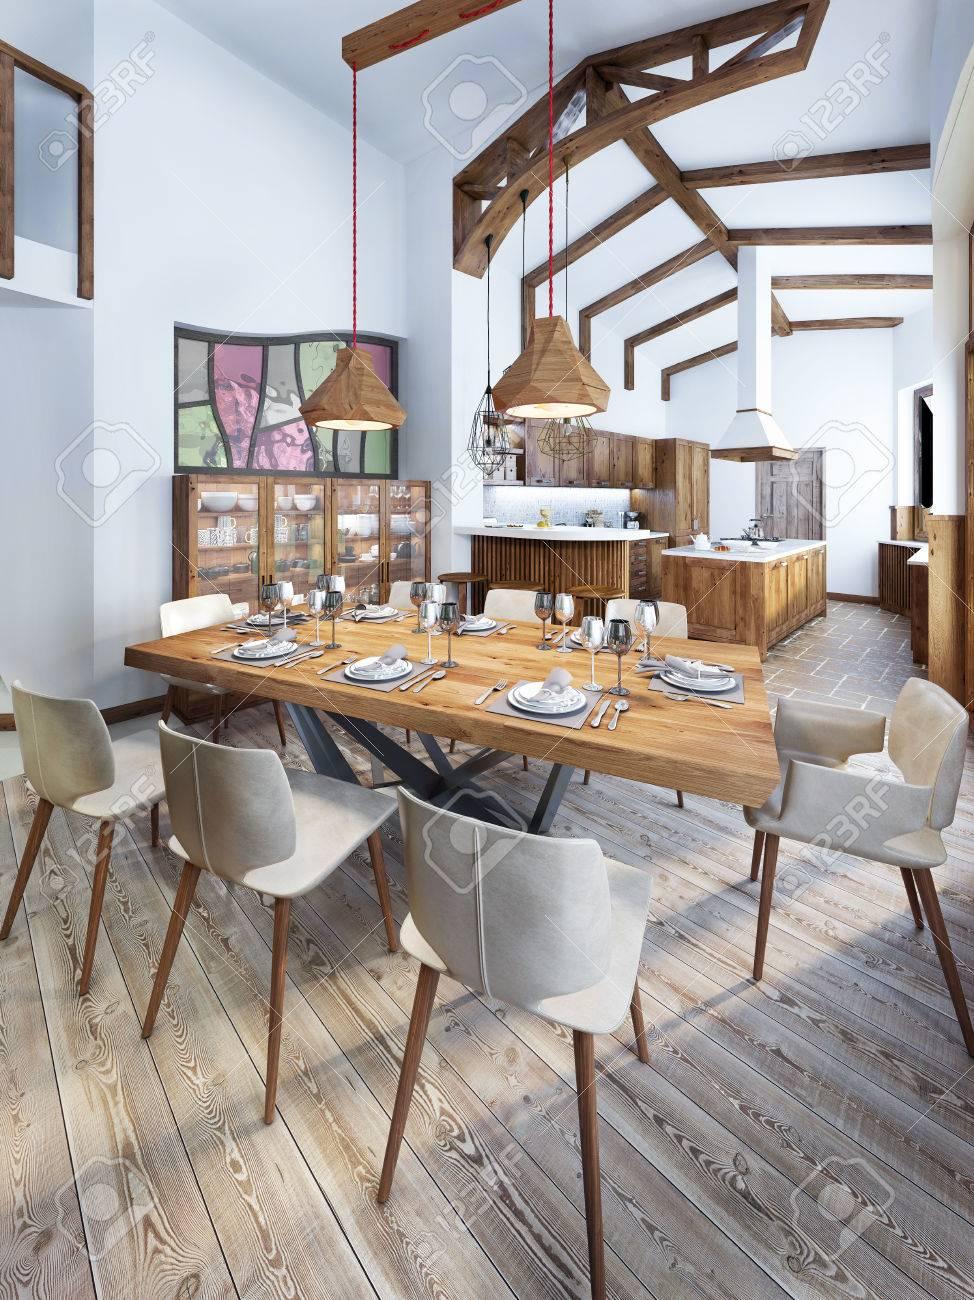 Esszimmer Mit Einem Modernen Landhausstil Küche. Serving Ein Holztisch Für  Acht Personen. 3D übertragen